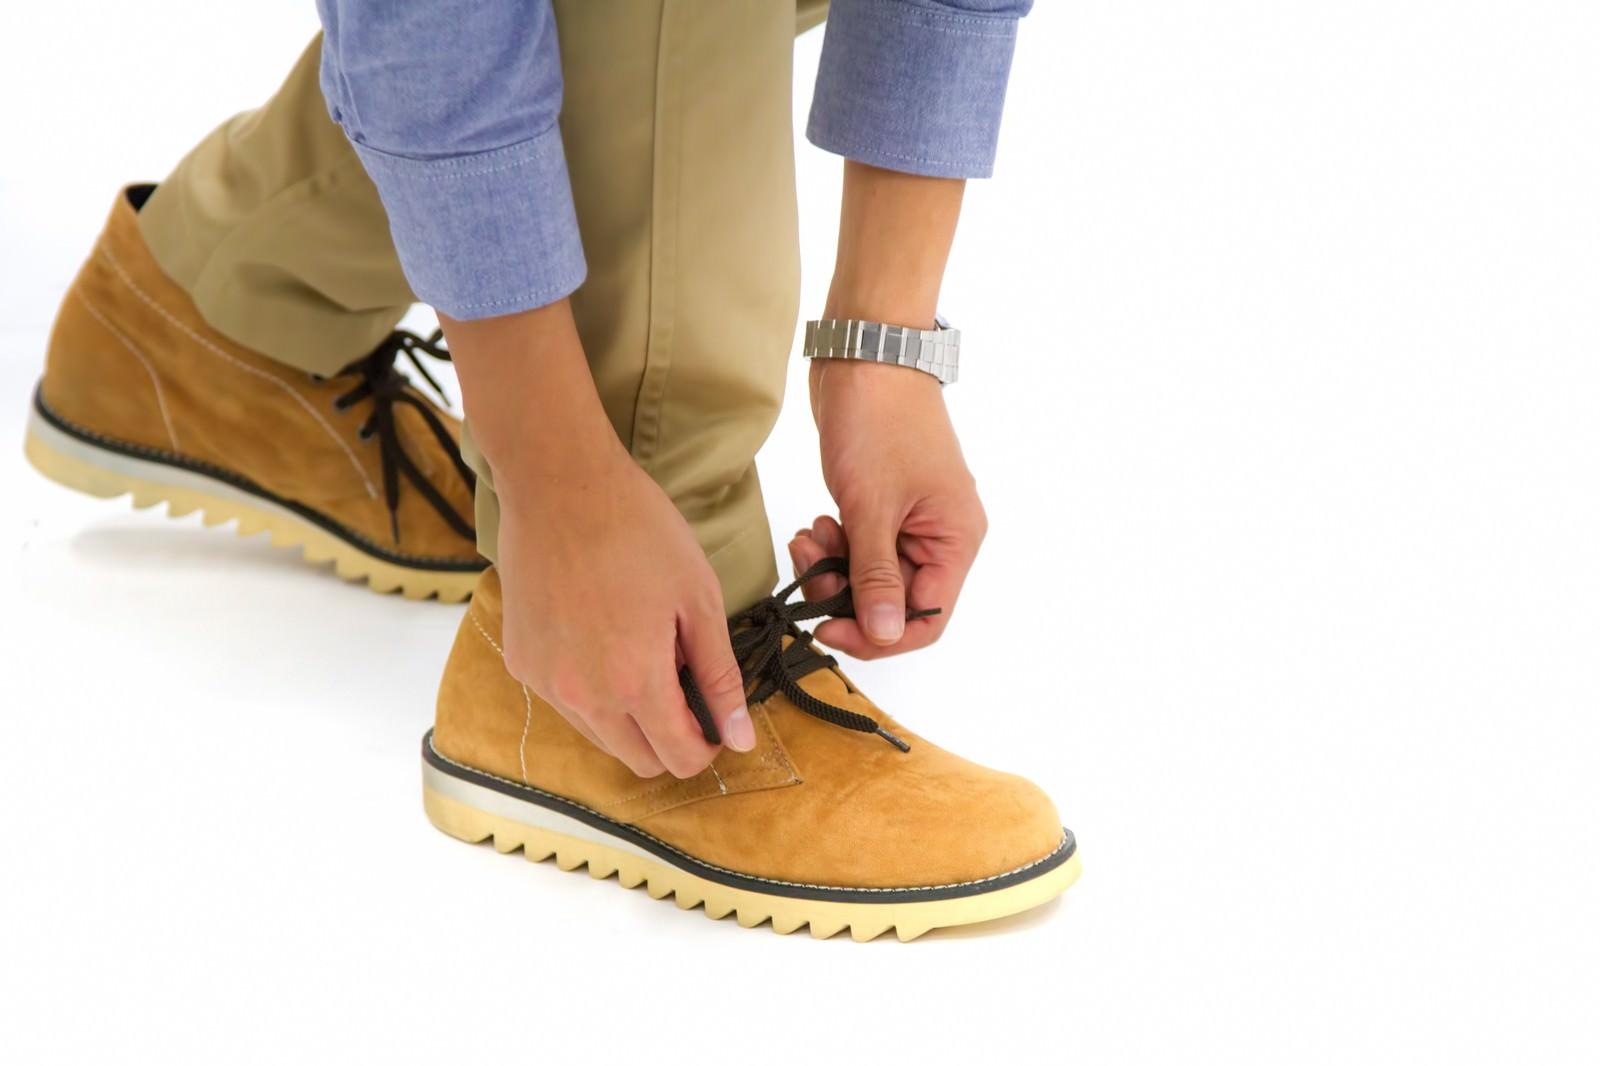 「靴ひもを結び歩き出そう!靴ひもを結び歩き出そう!」のフリー写真素材を拡大